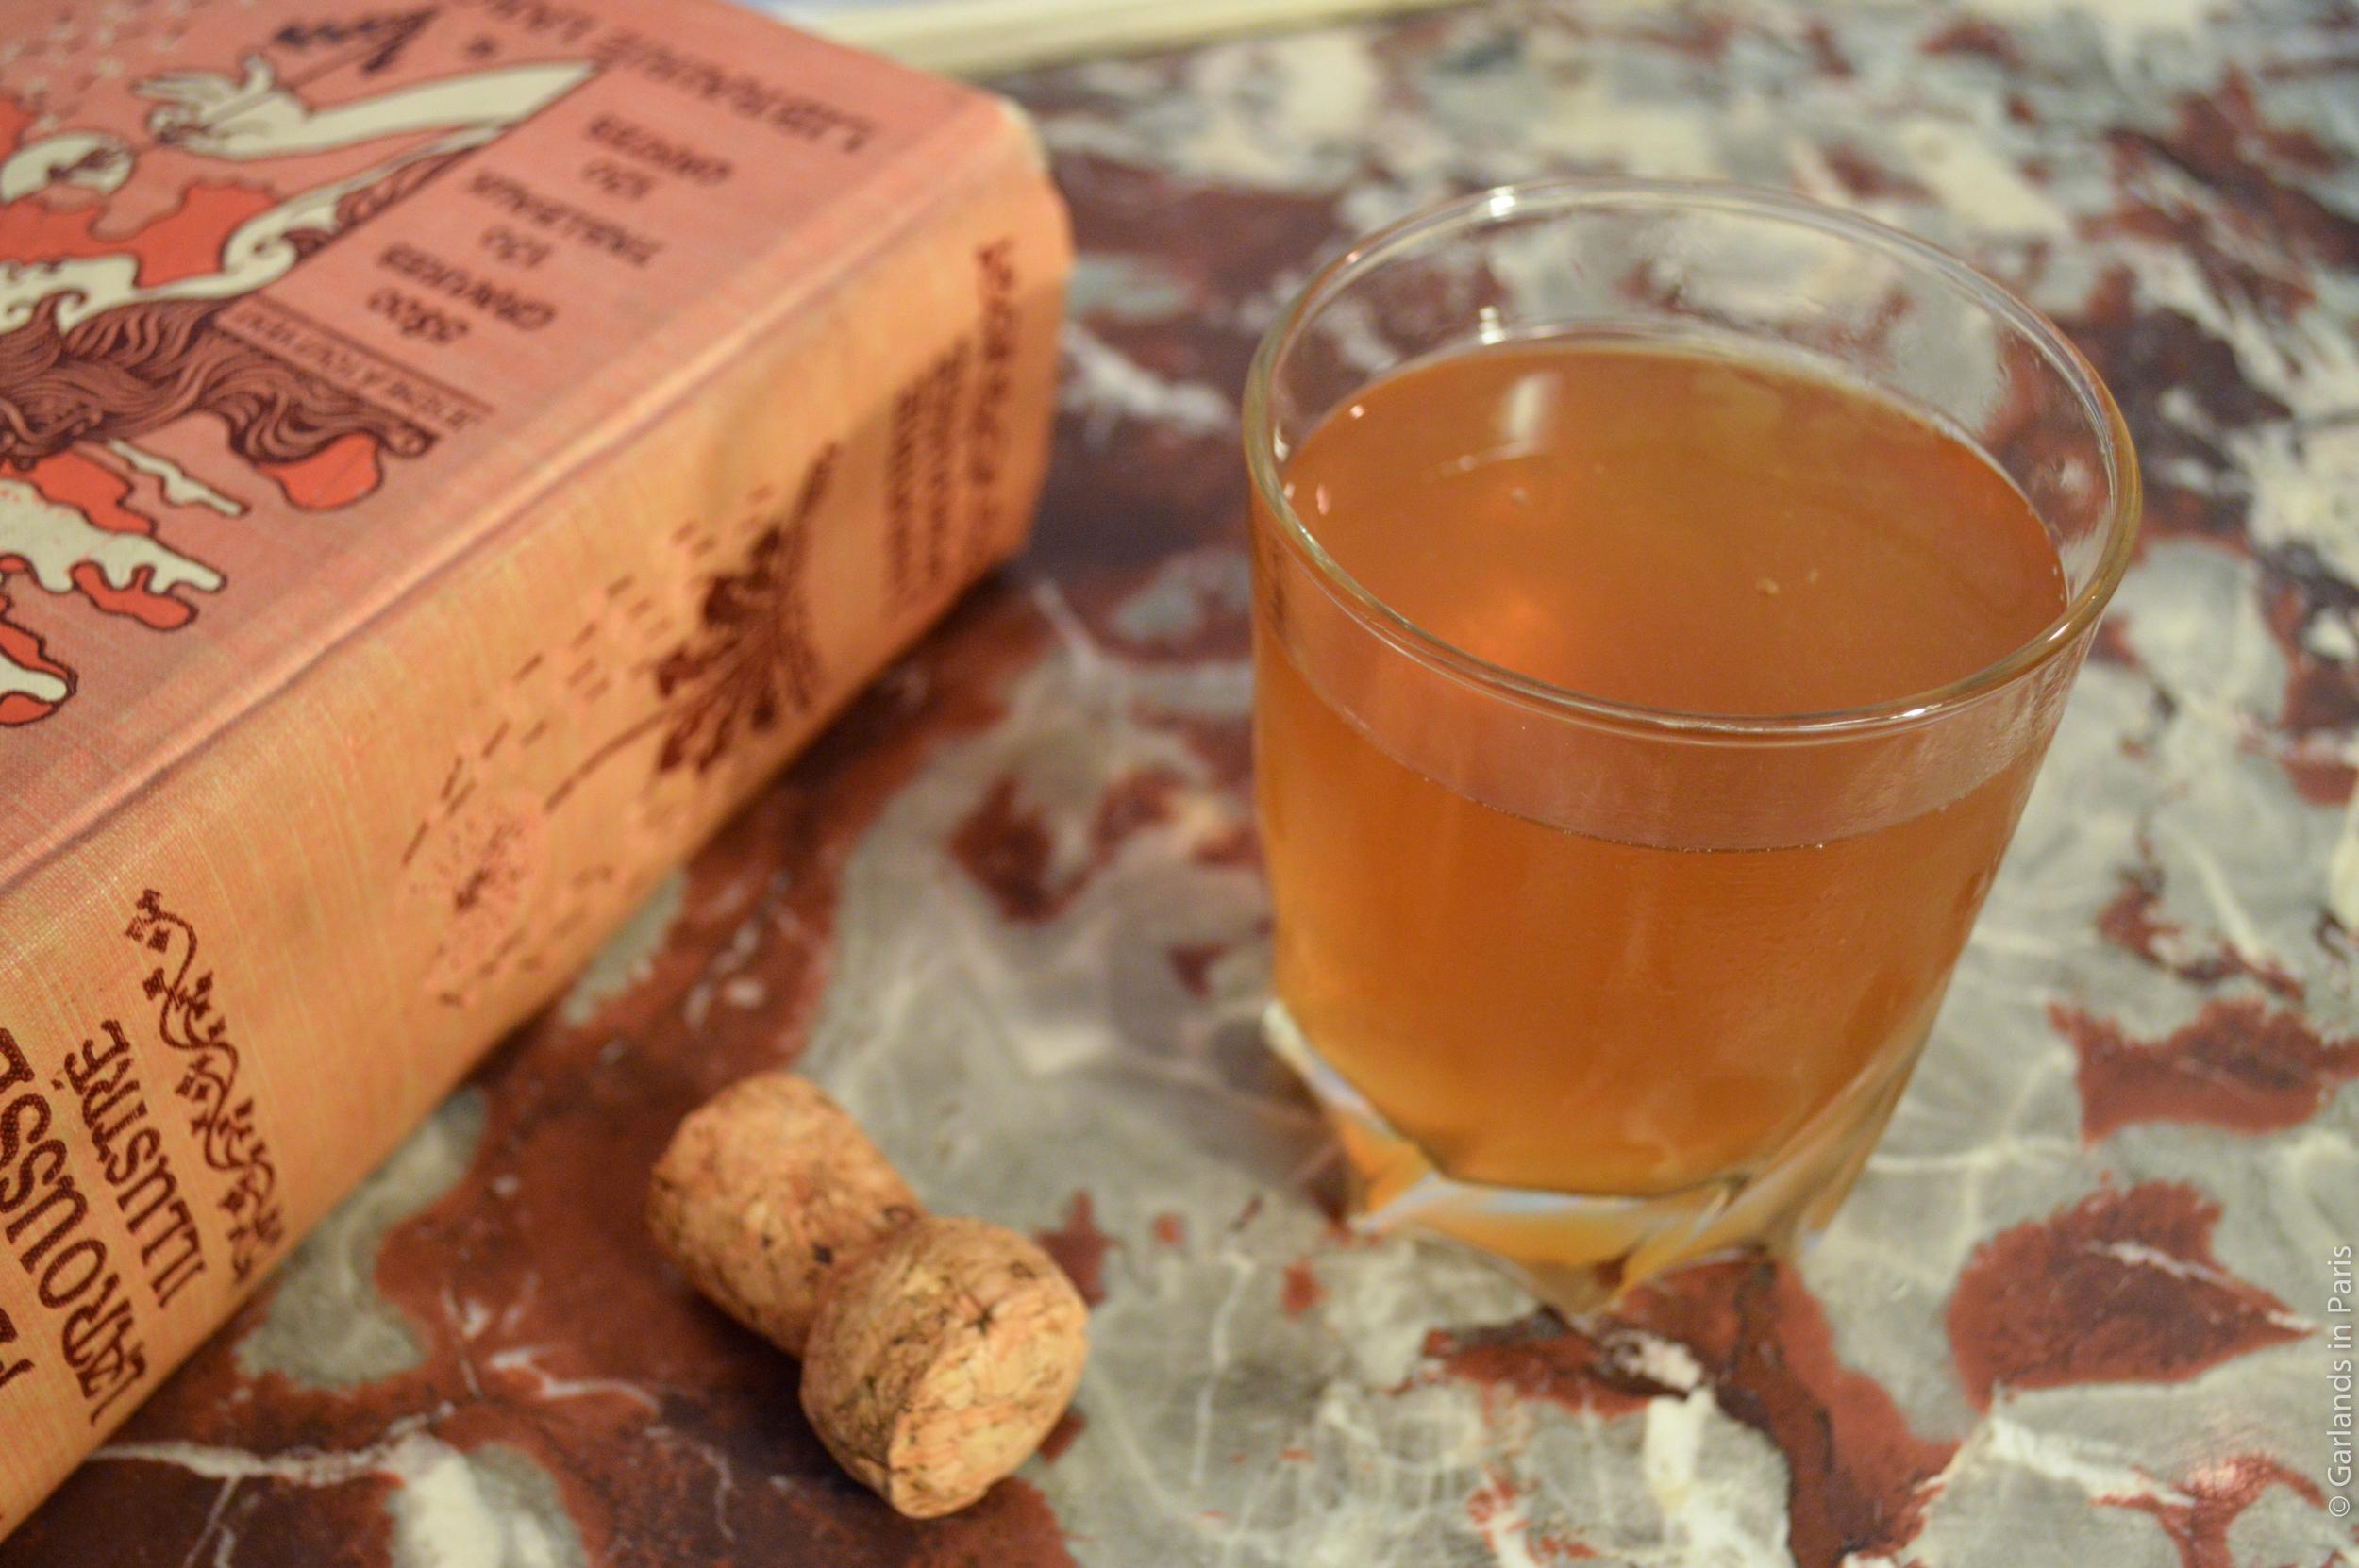 Sazerac and Cider Cocktail